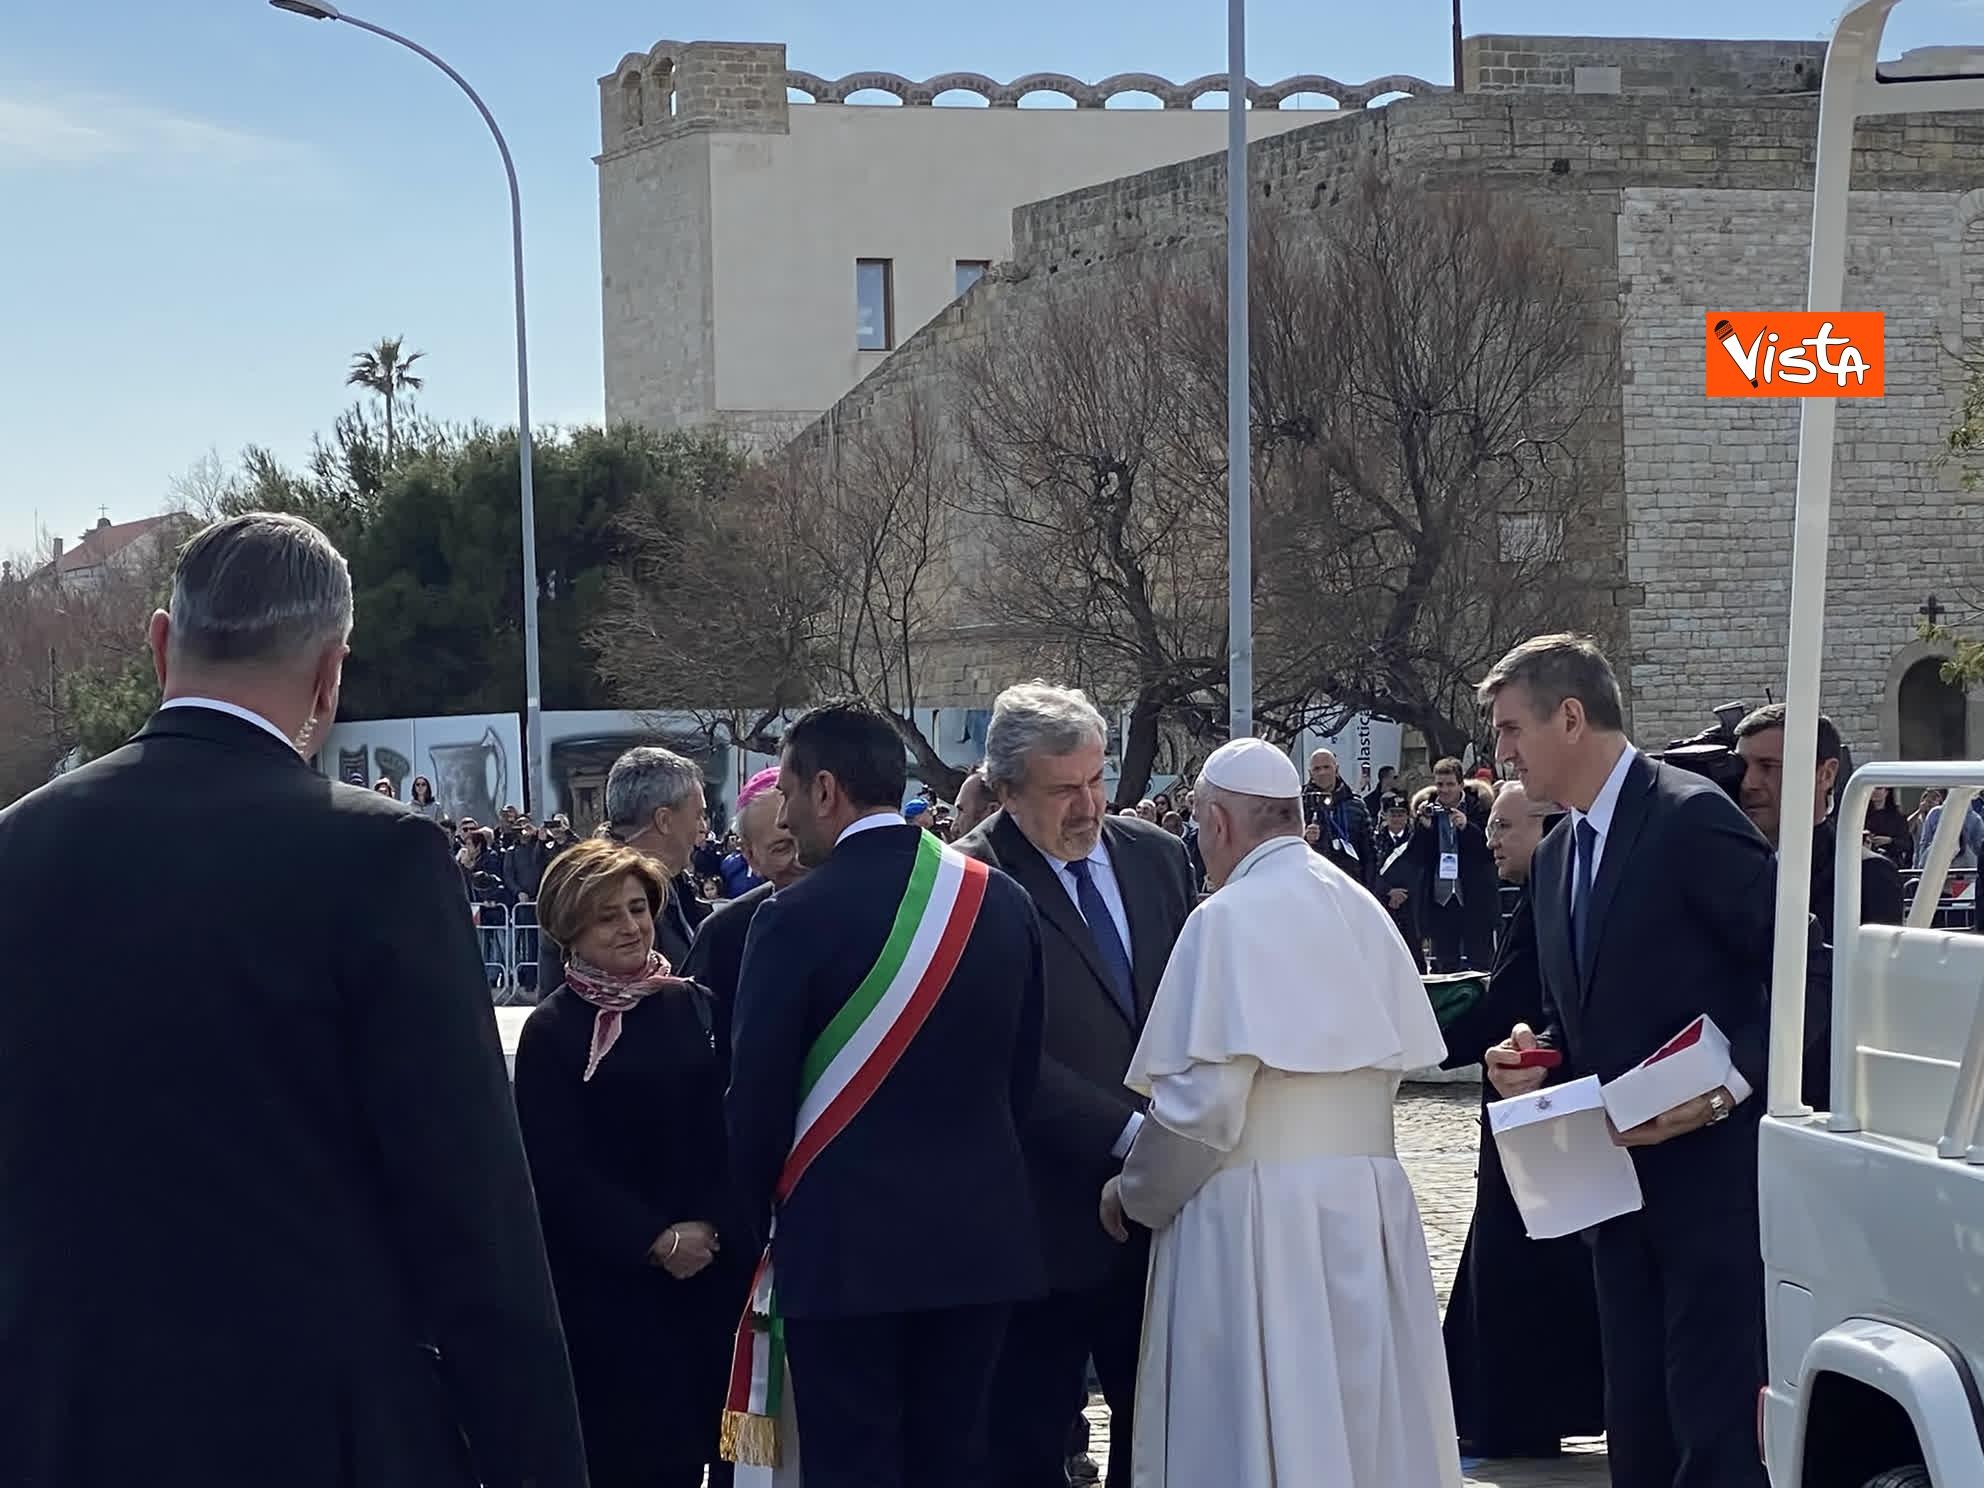 23-02-20 Il Papa a Bari incontra il presidente della Regione Puglia Michele Emiliano_02